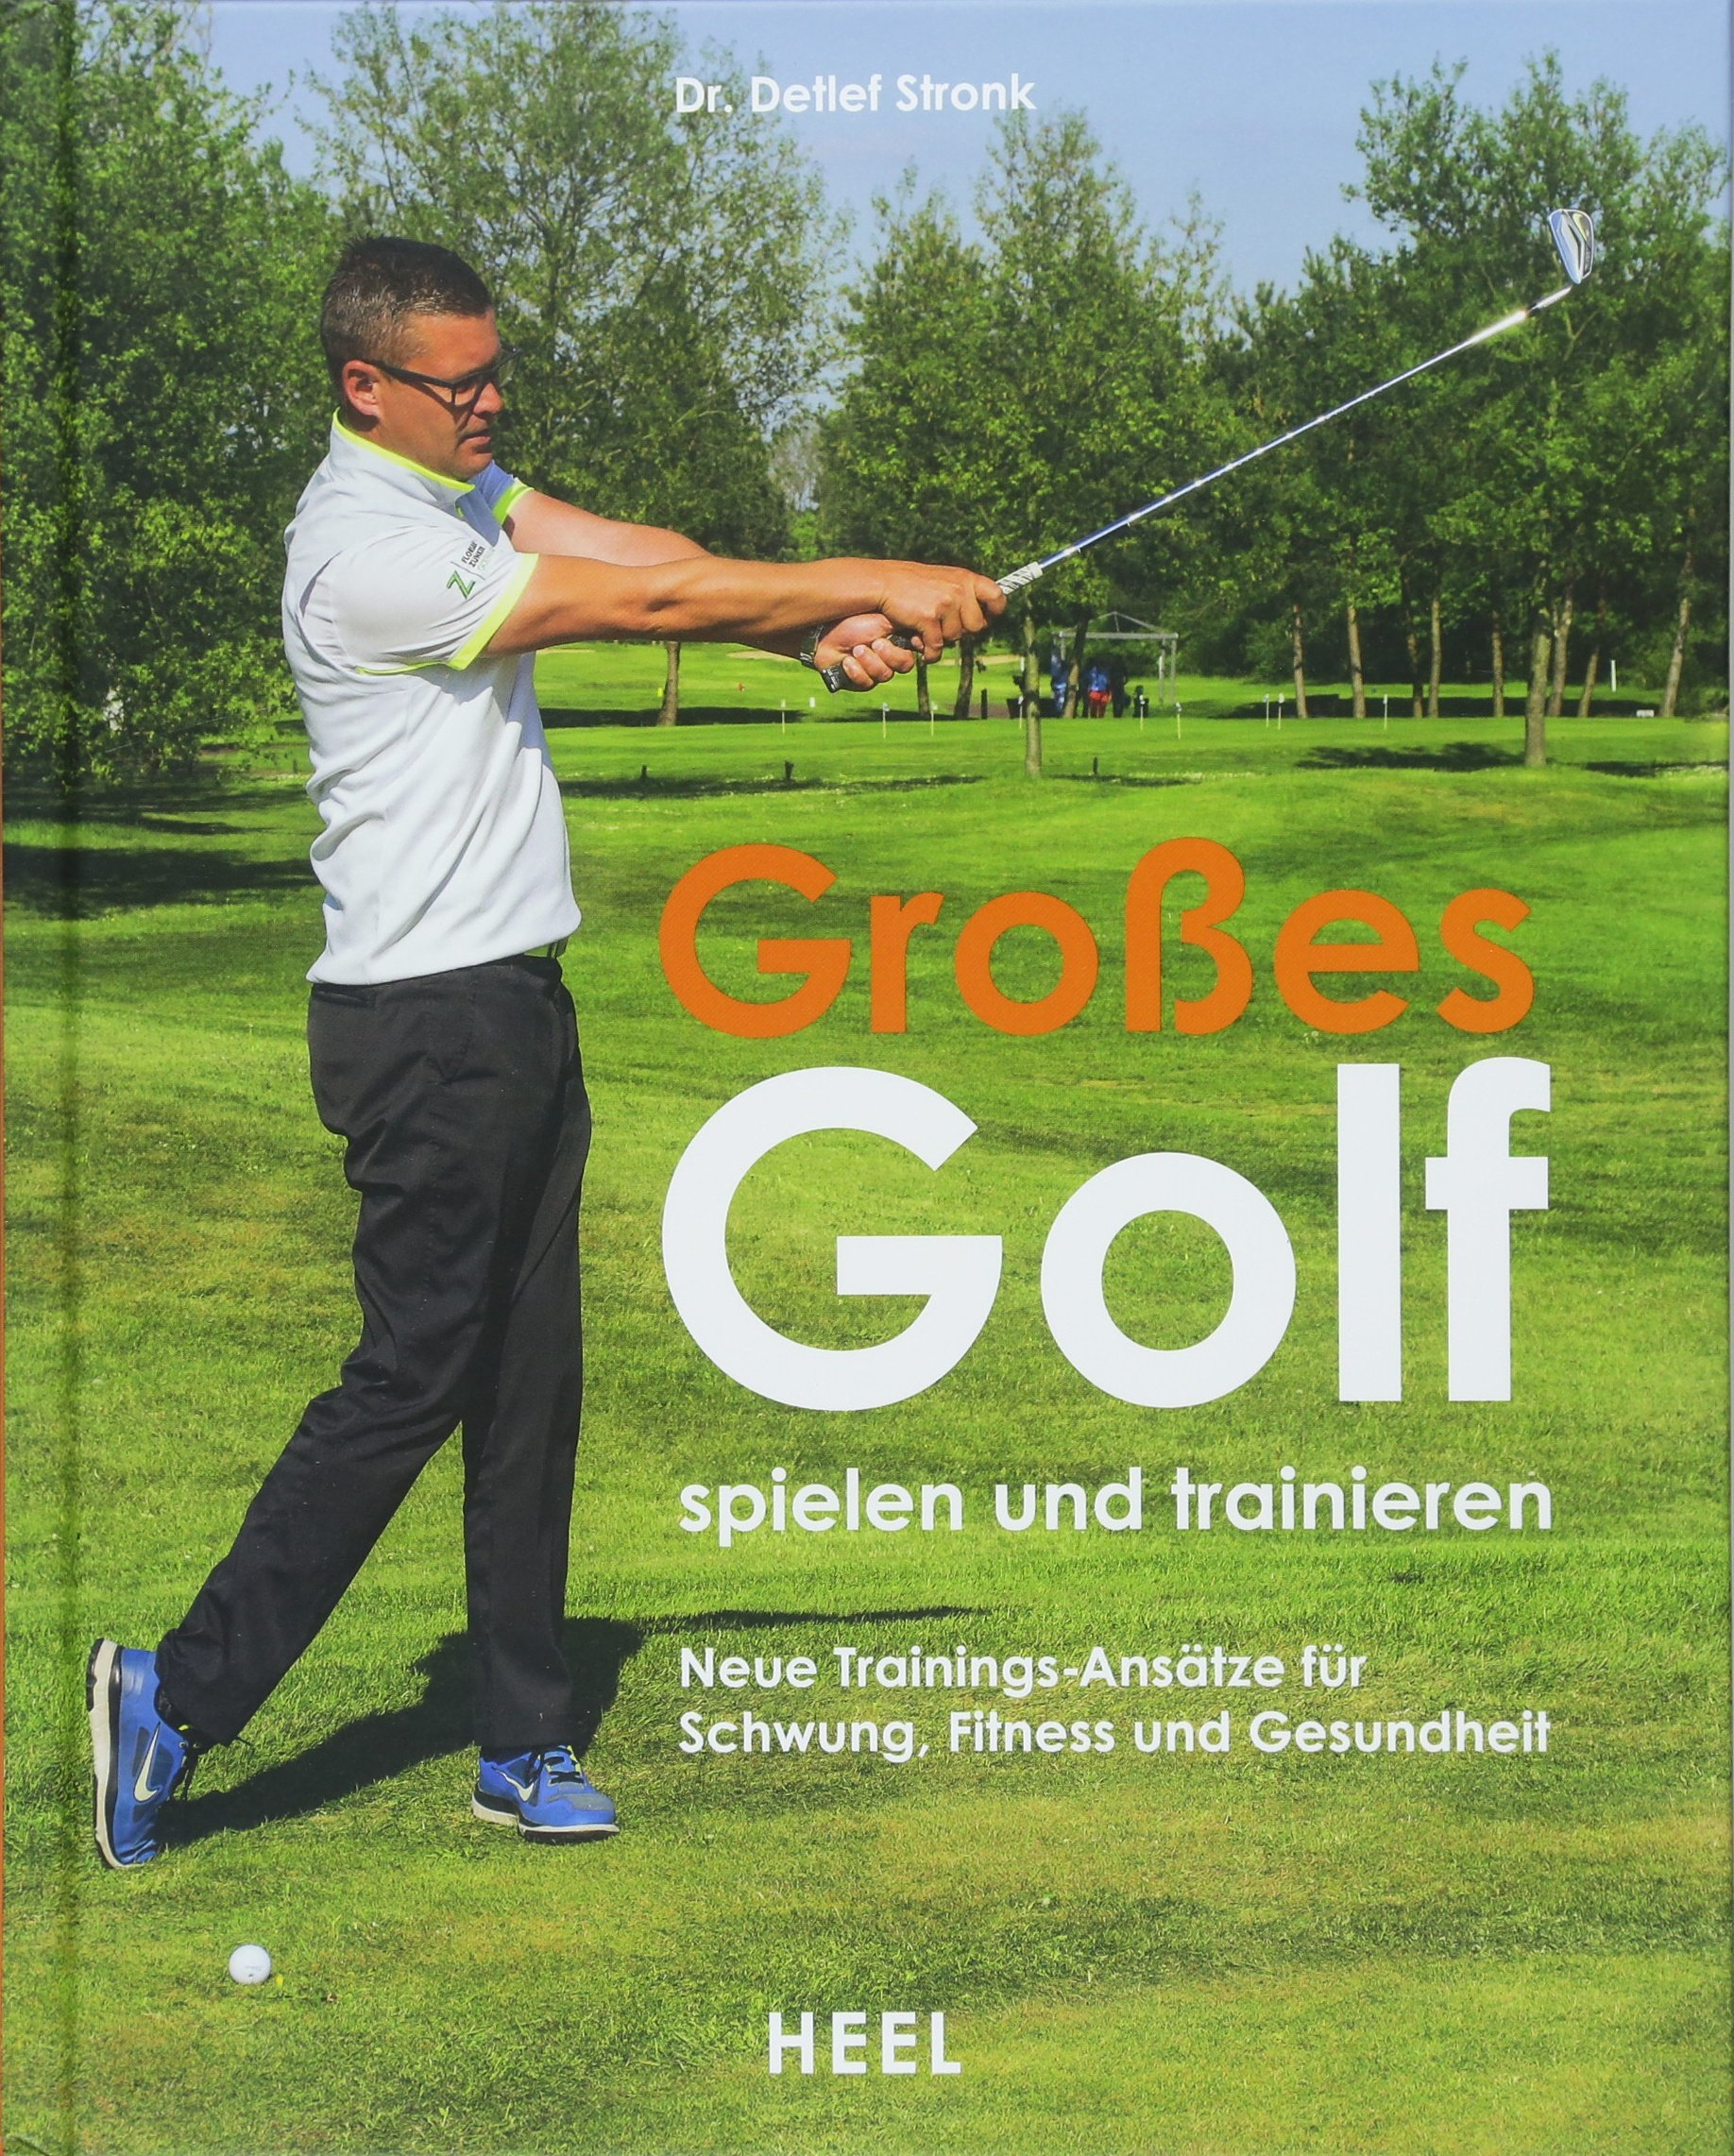 Großes Golf Spielen Und Trainieren  Neue Trainings Ansätze Für Schwung Fitness Und Gesundheit